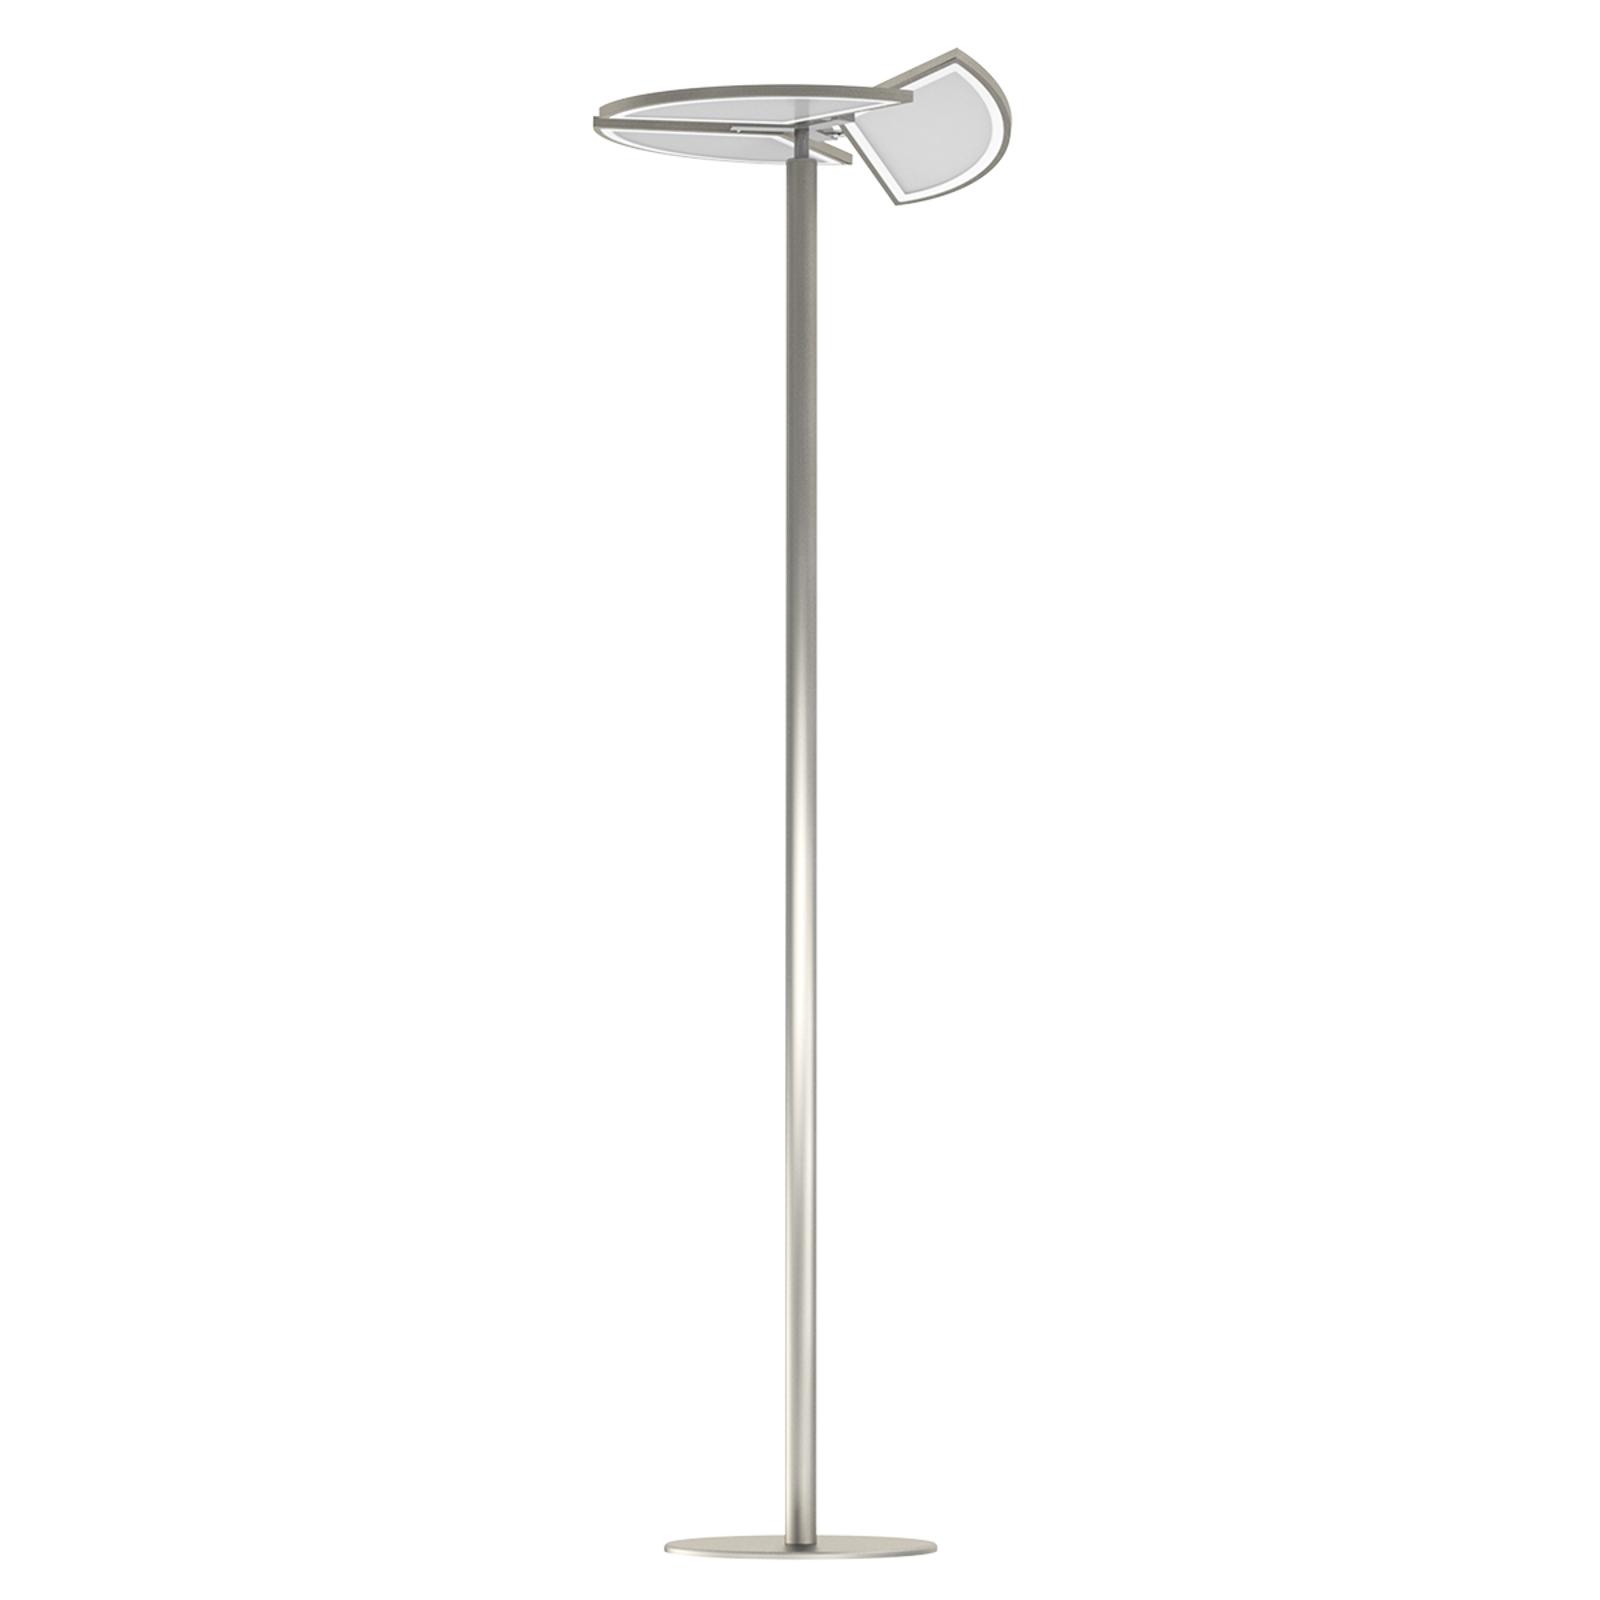 Topmoderne LED-vloerlamp Movil met color control